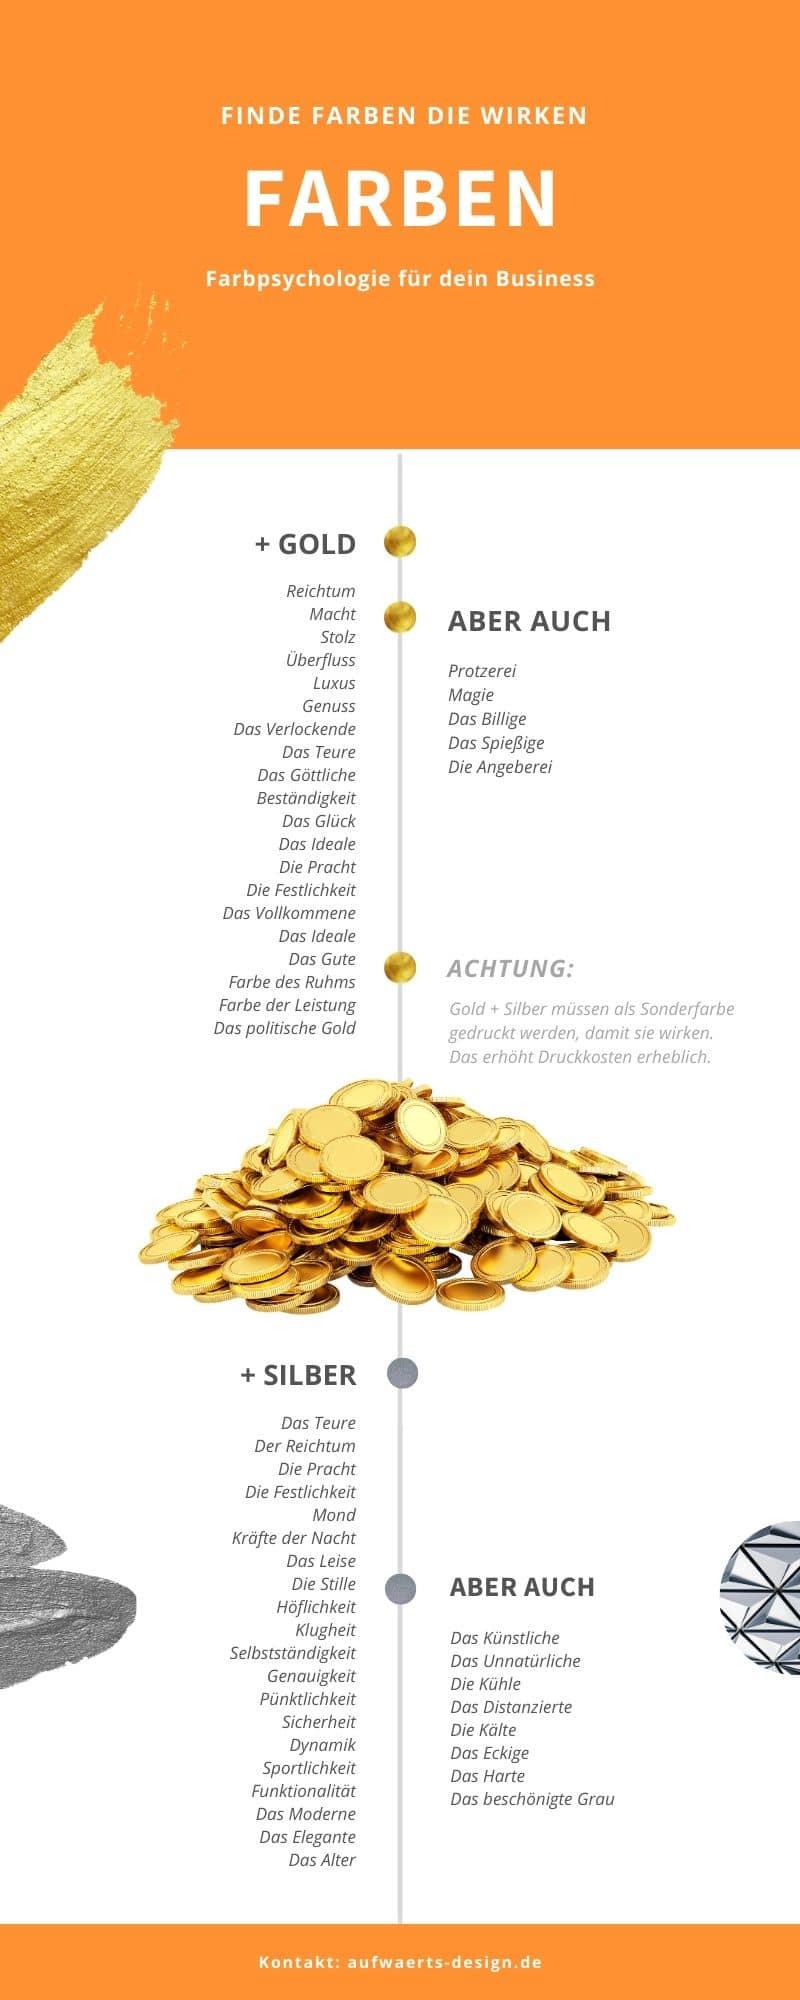 Farbpsychologie: Gold und Silber. Wie die Farben auf uns wirken.